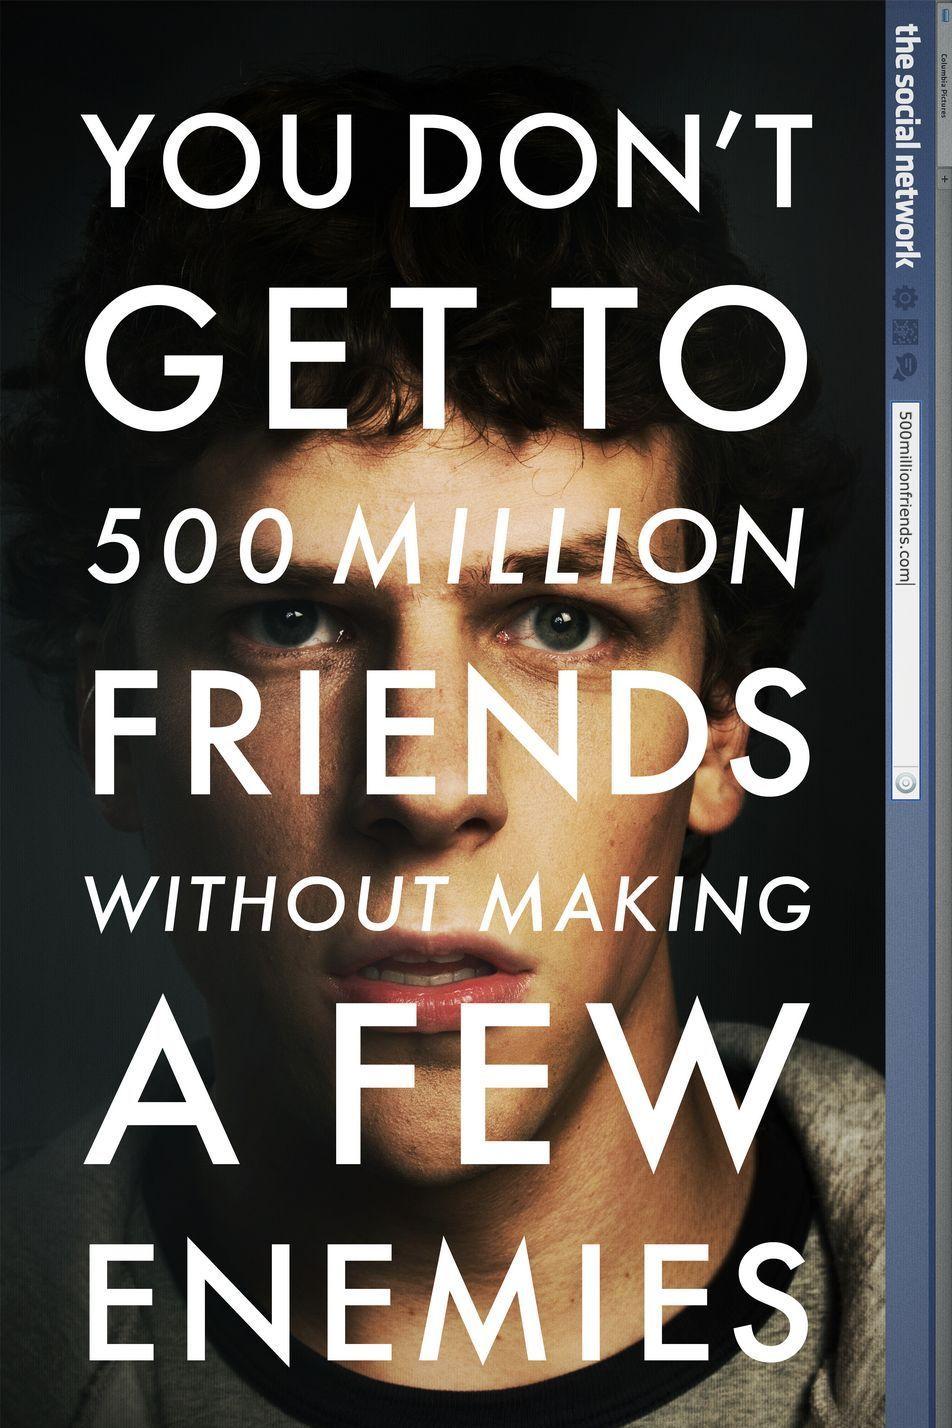 """""""Социалната мрежа"""" (2010) Имаше много дебати относно това, доколко филмът е близко до истината за възхода на компанията """"Фейсбук"""". Въпреки това обаче, работата на сценариста Арън Соркин и режисьора Дейвид Финчър определено въздейства върху зрителя, представяйки доста сериозни интриги, които станаха емблематични за компанията."""